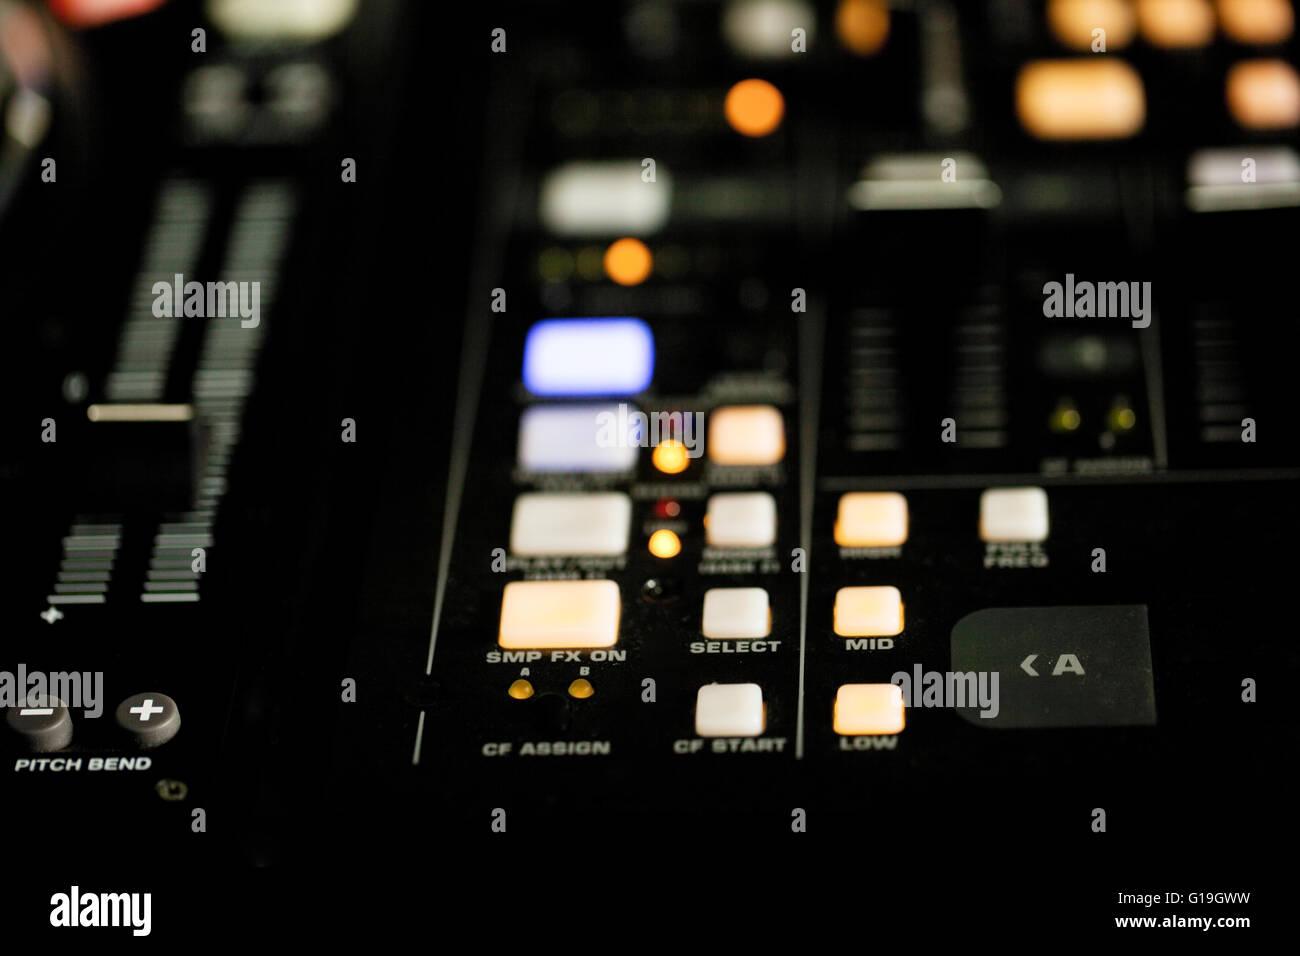 Acercamiento de las luces iluminadas en la cubierta de un DJ en la noche durante una actuación en un club nocturno o discoteca Foto de stock